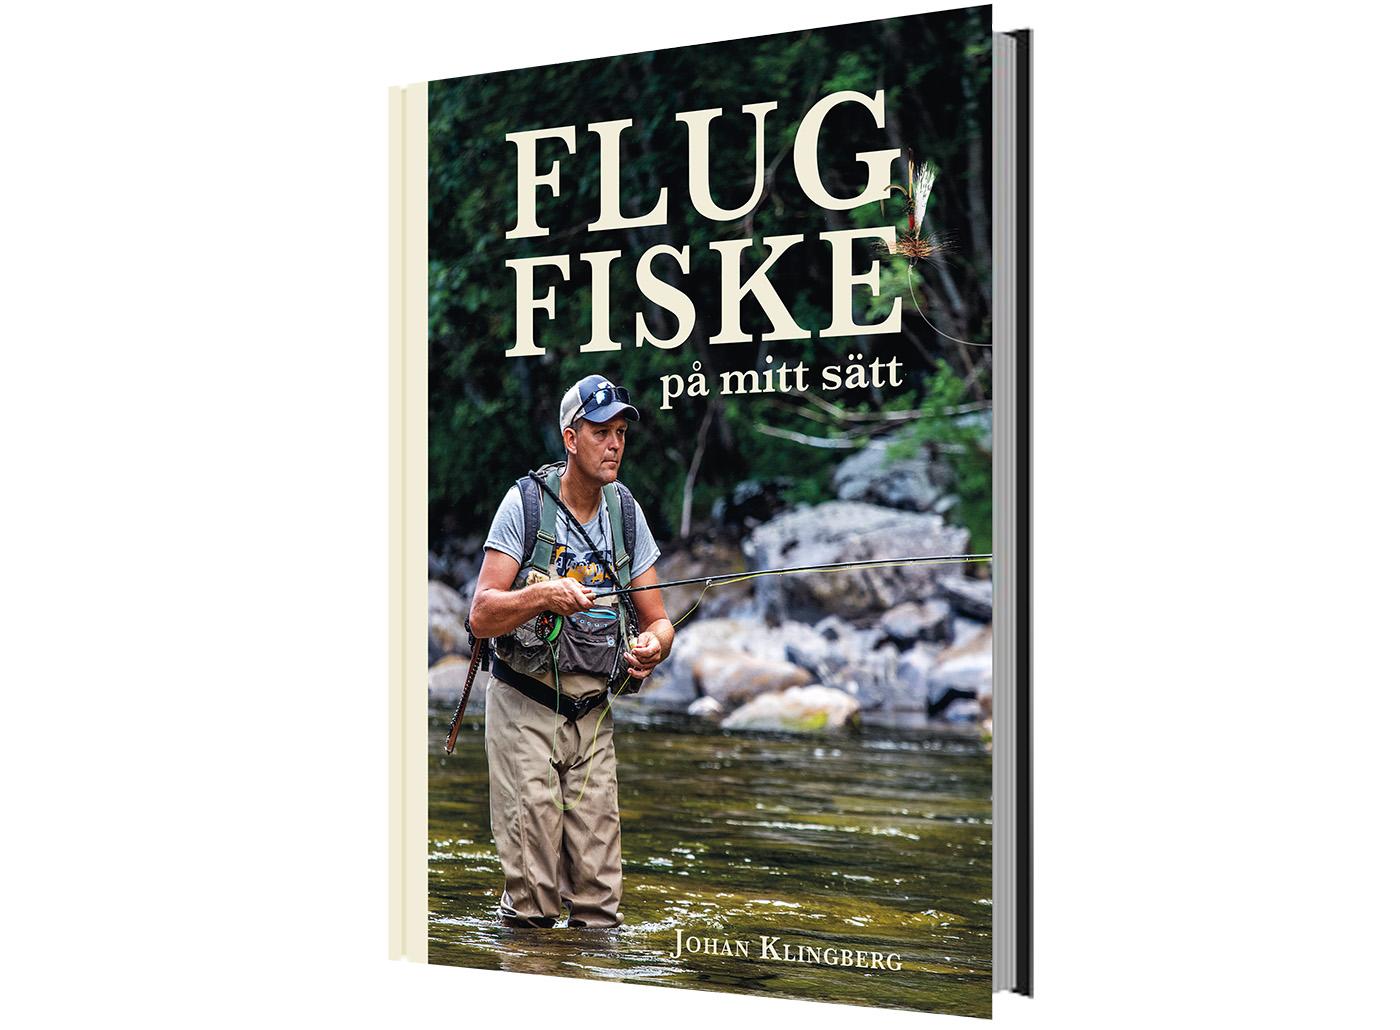 flugfiskepamittsatt(s) copy